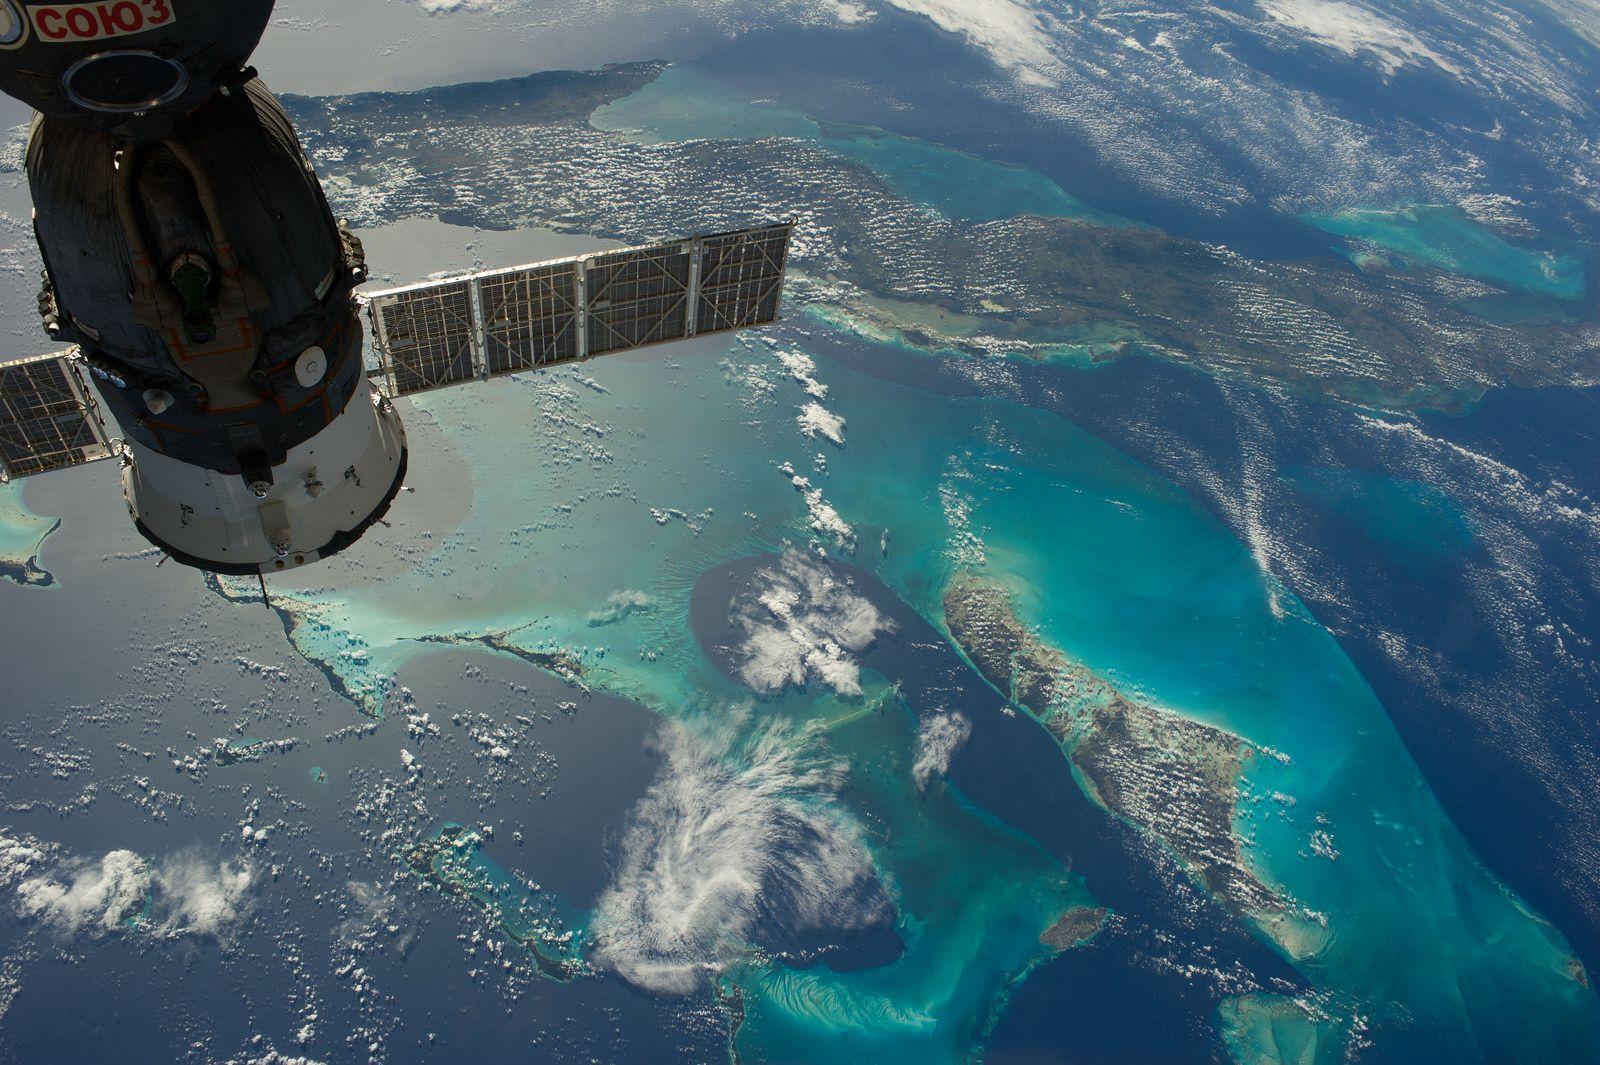 La foto del día: ¿quién no quiere unas vacaciones en el Caribe aun en el espacio?